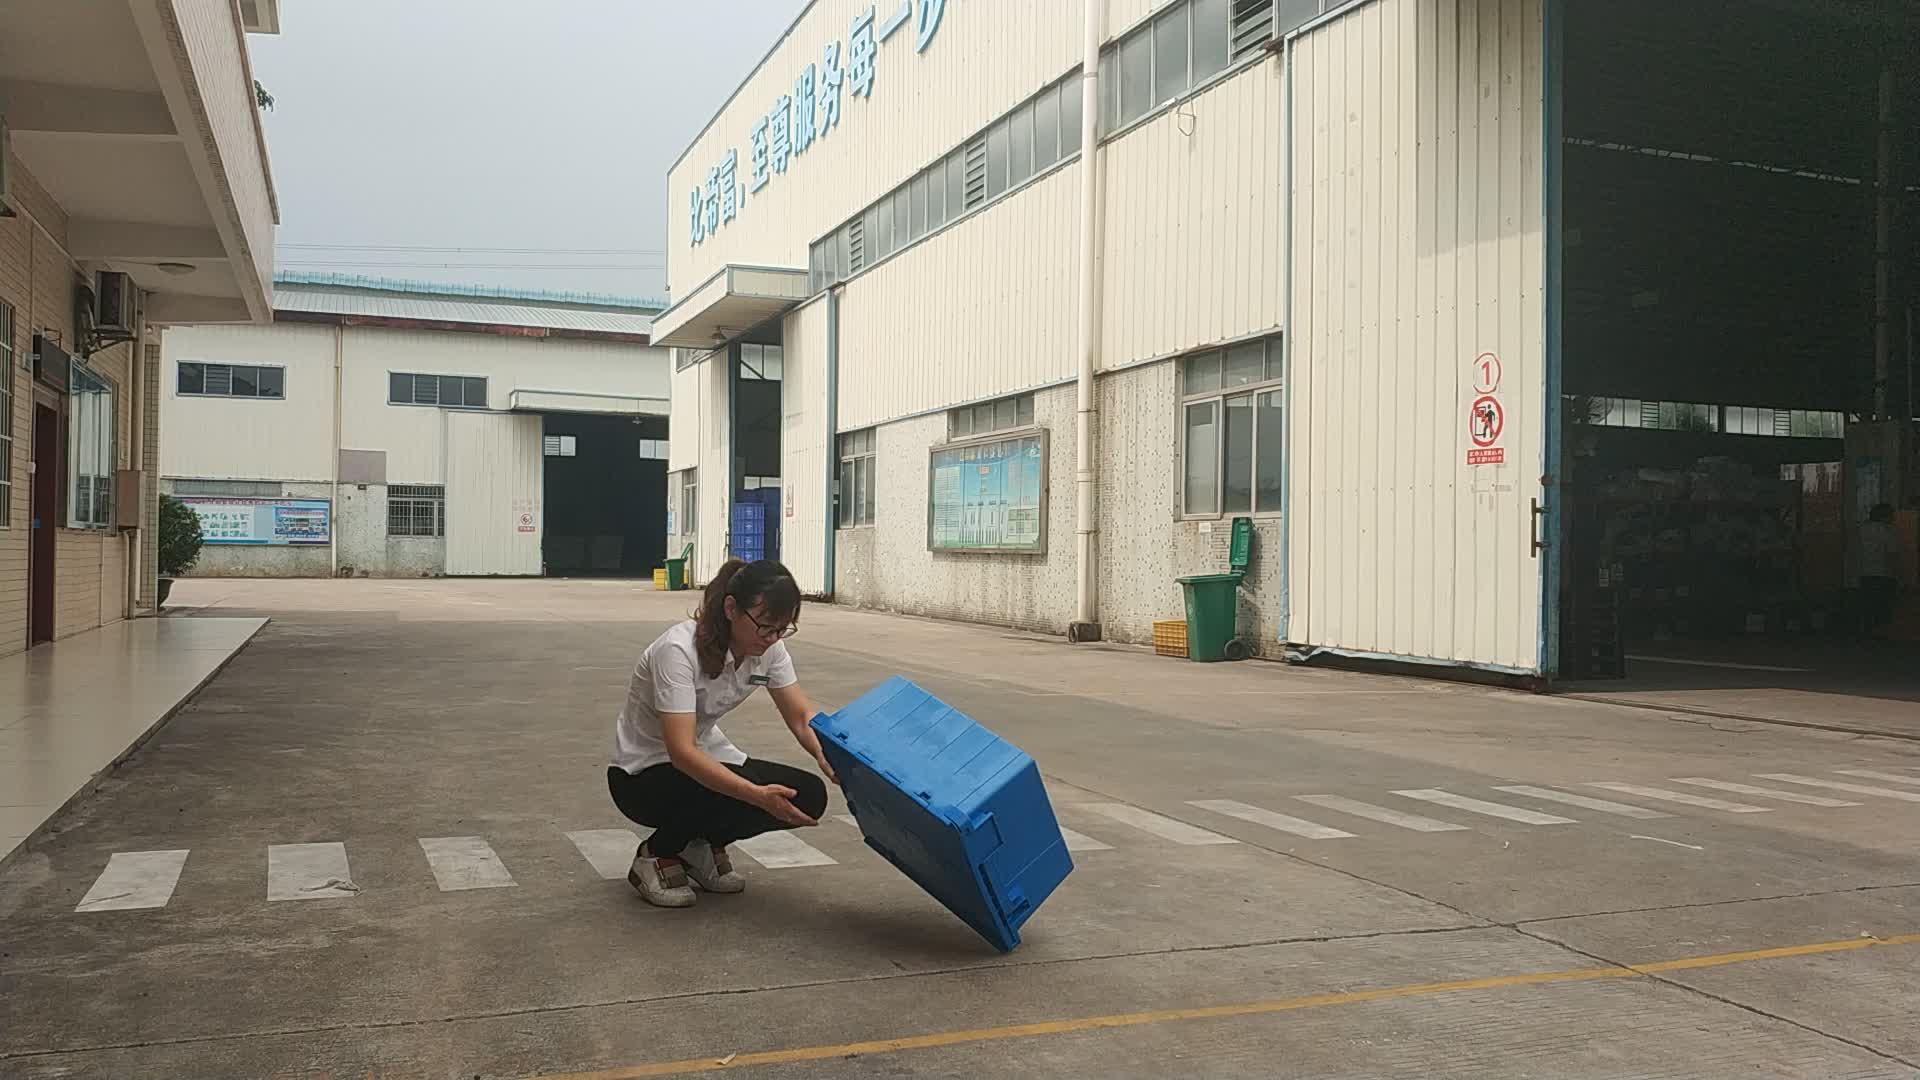 690*605*150mm सस्ते कीमत रोटी प्लास्टिक बेकरी ट्रे के लिए प्लास्टिक टोकरा